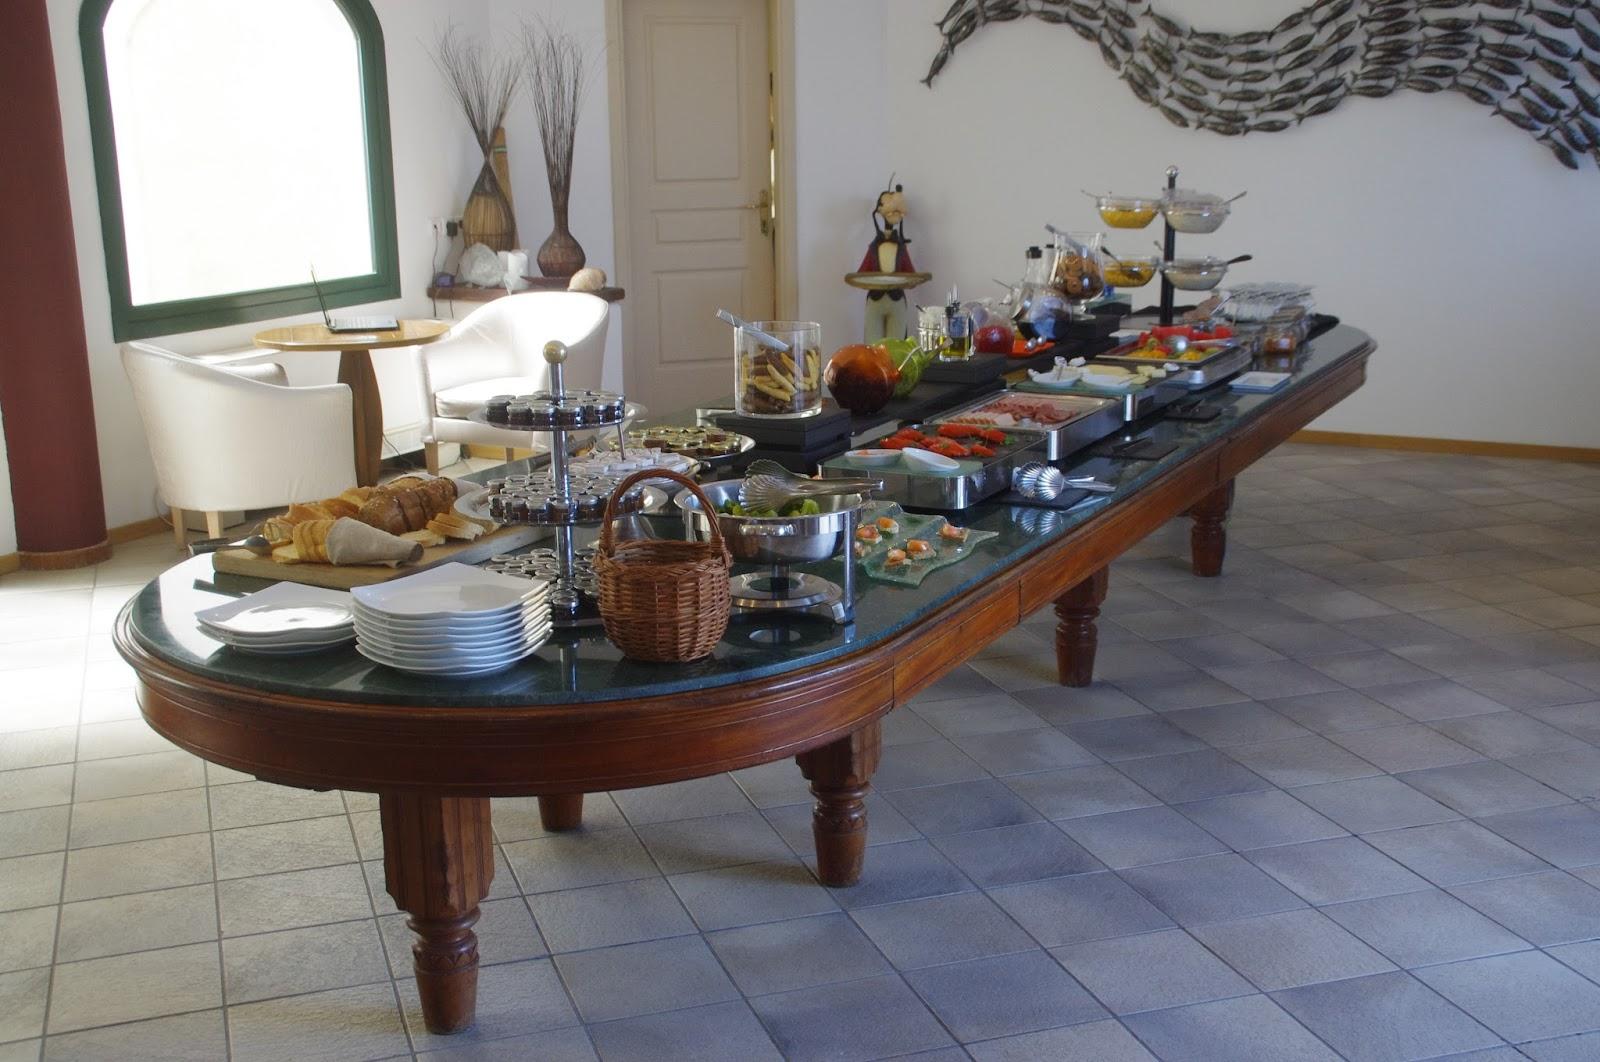 Tharroe of Mykonos Breakfast Buffet